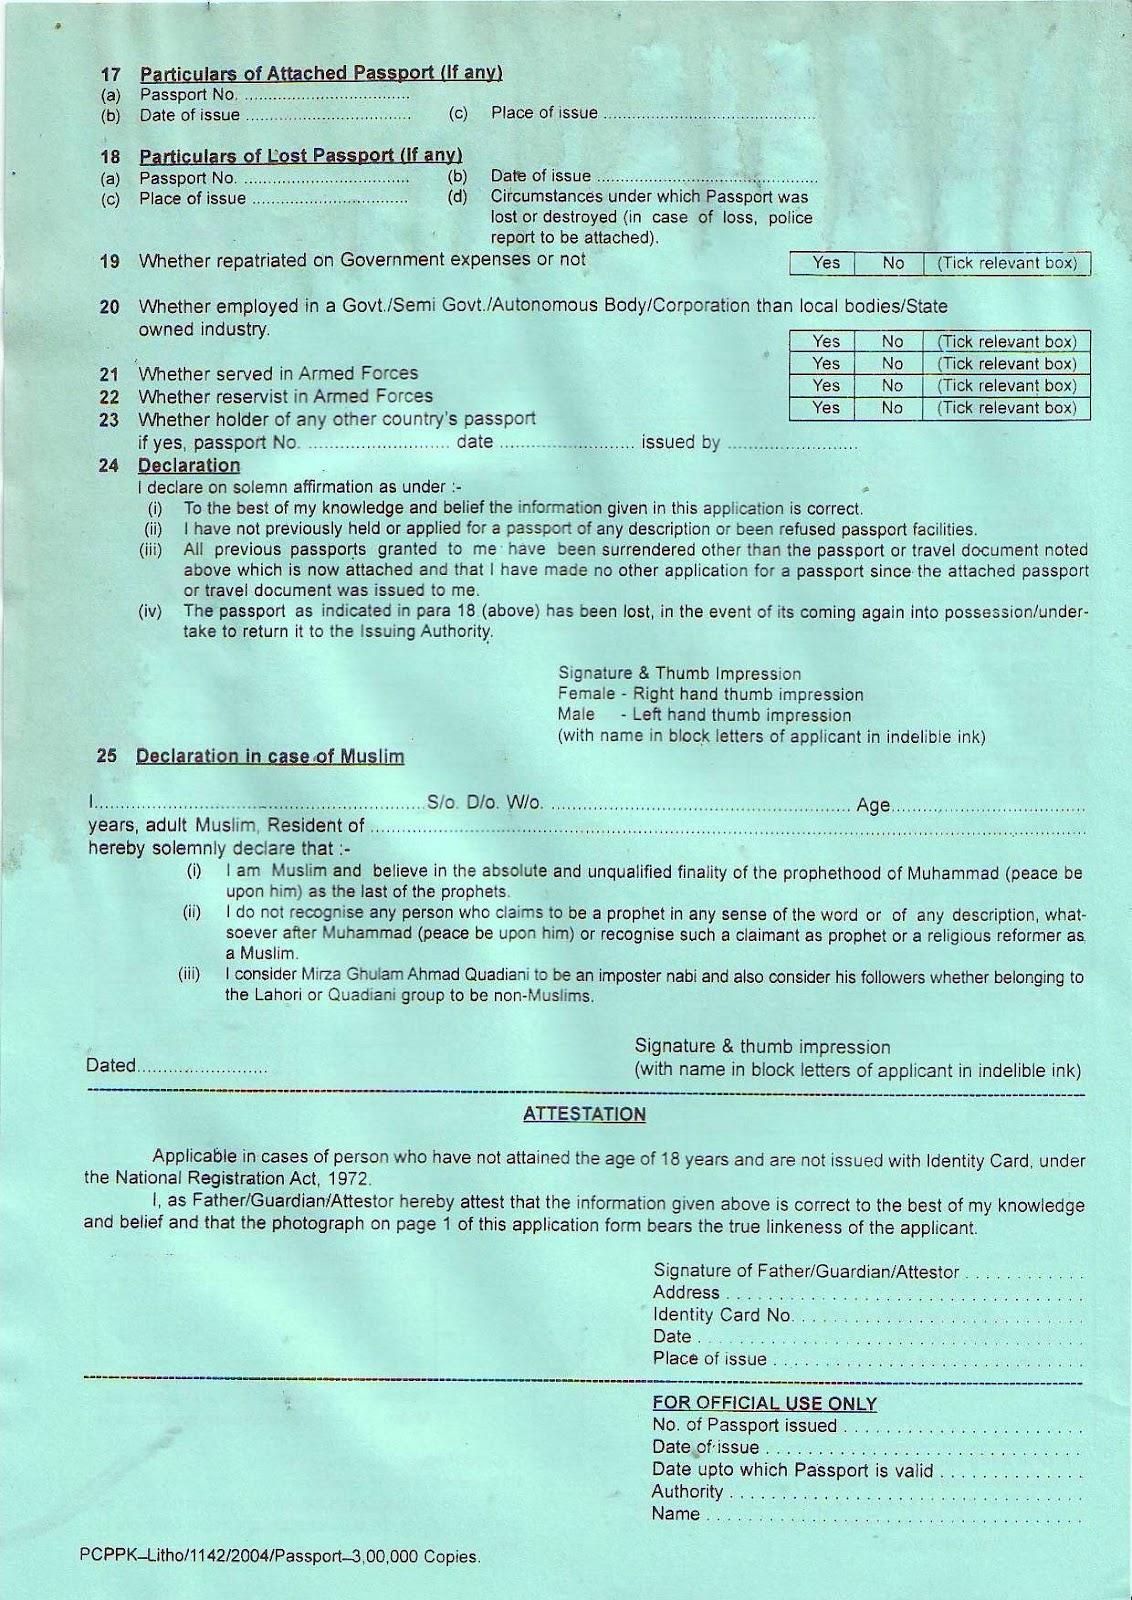 Pakistan High Commission, Singapore: Pakistani Passport Renewal